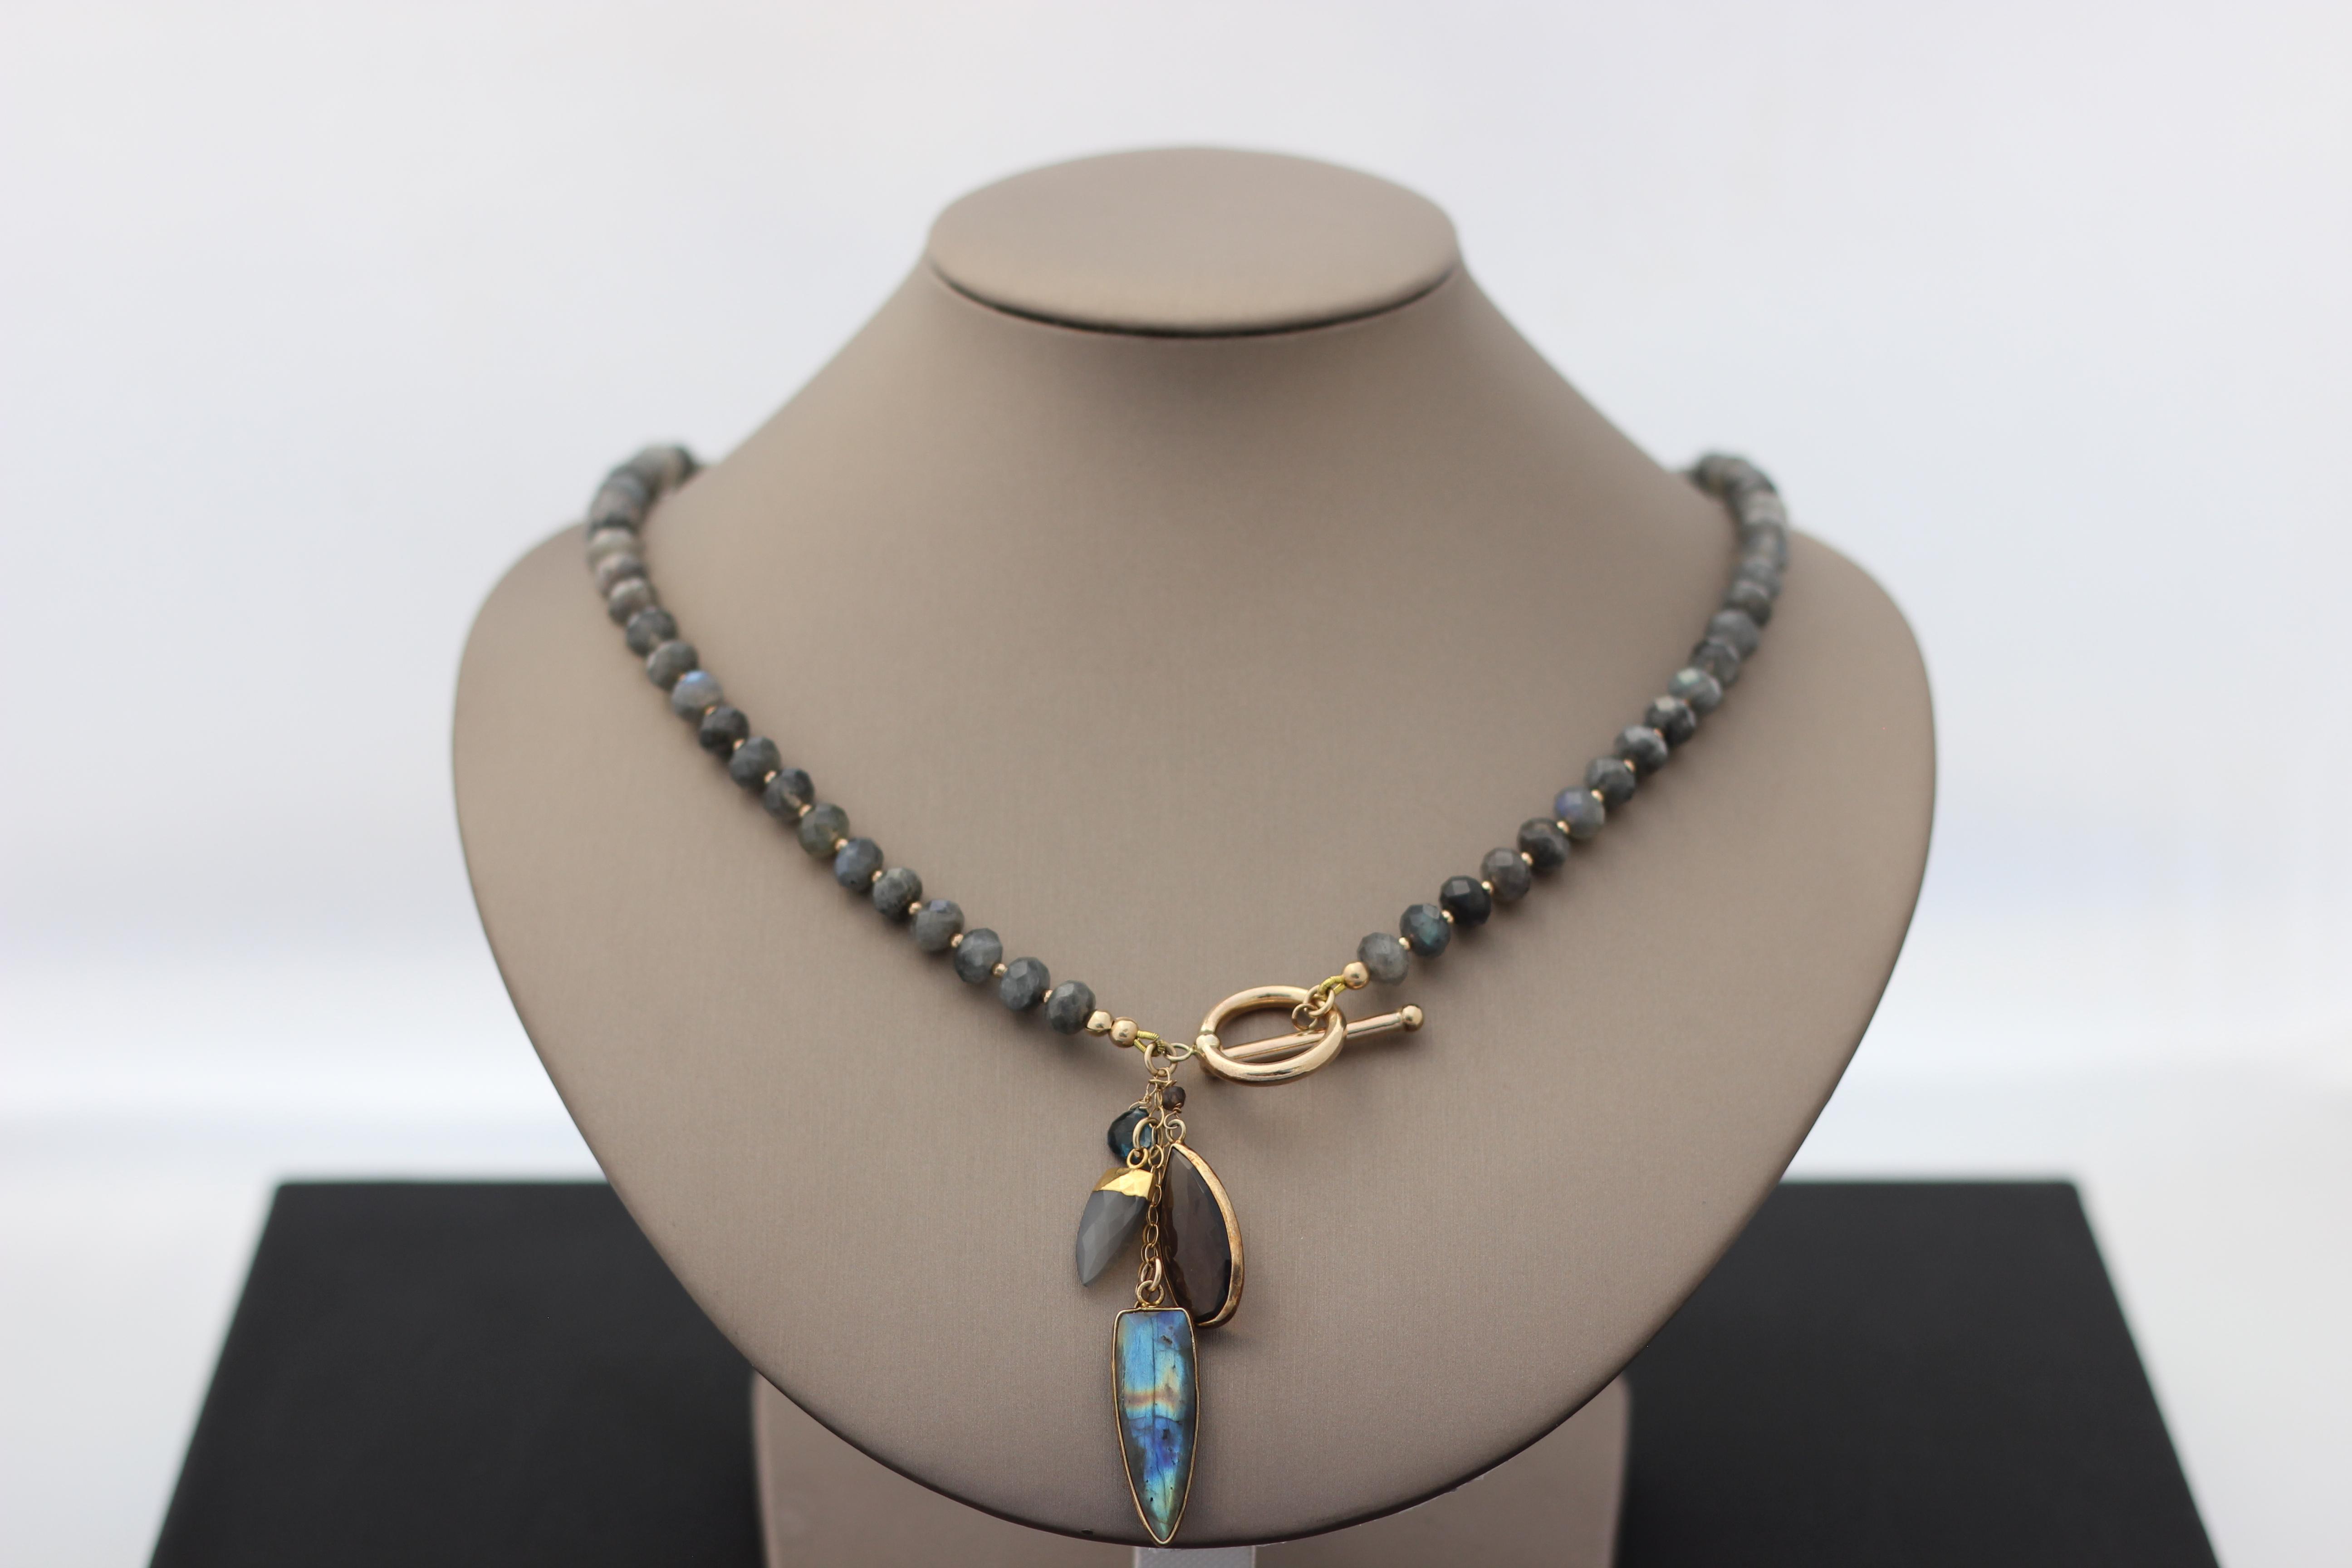 12. Labradorite, Smoky Quartz, London Blue Topaz | $398